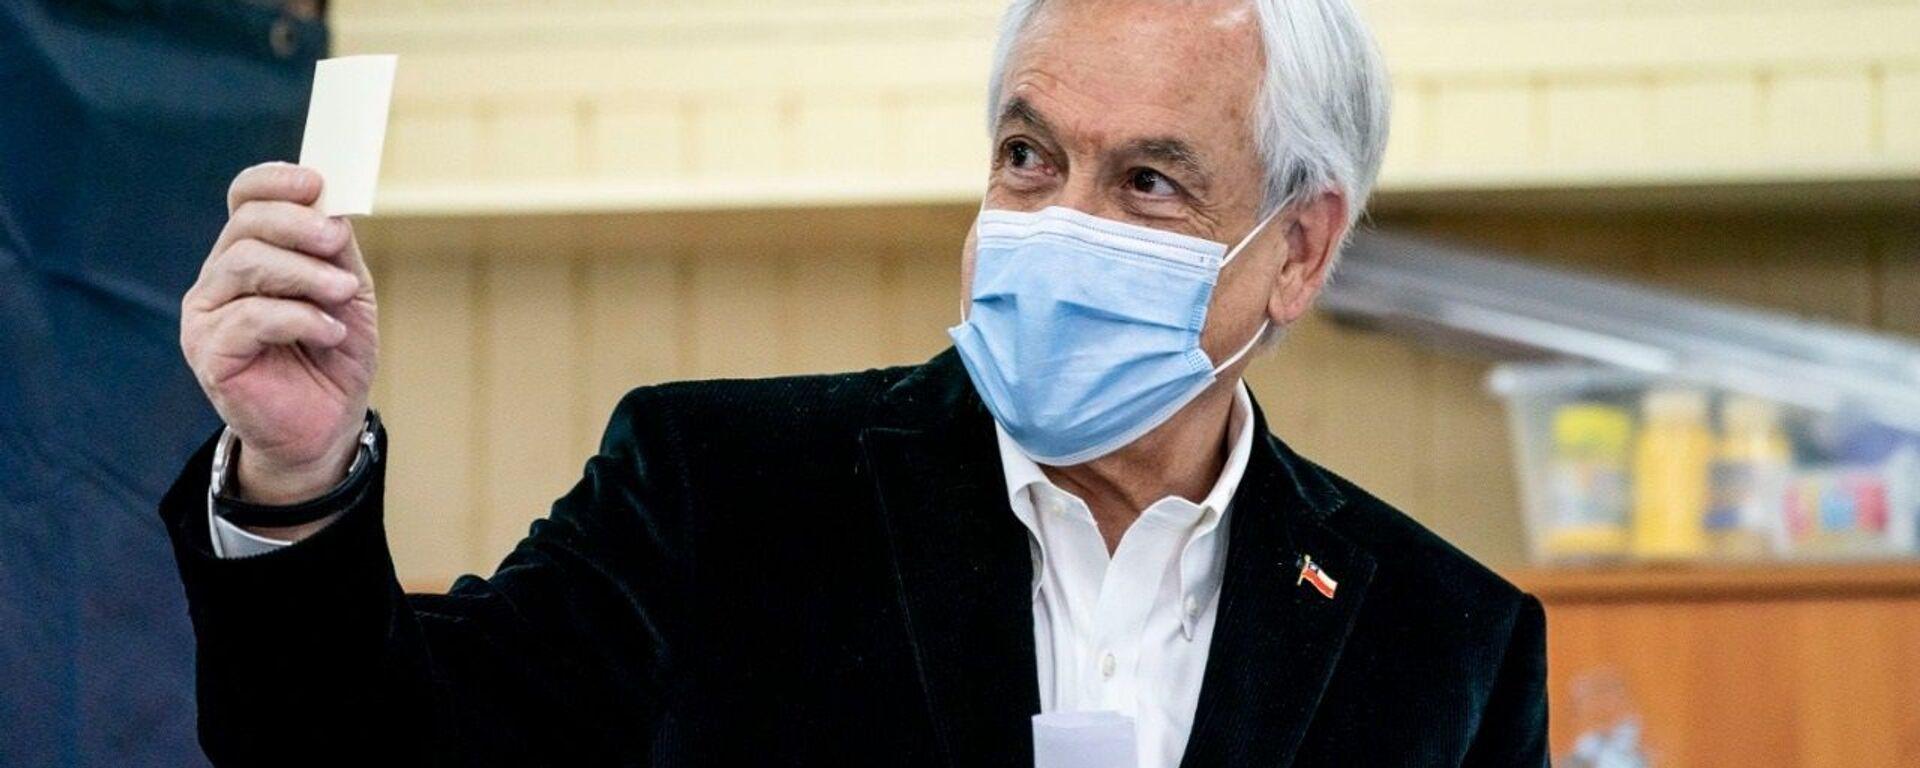 Sebastián Piñera, el presidente de Chile, vota en el referéndum 2020  - Sputnik Mundo, 1920, 30.04.2021